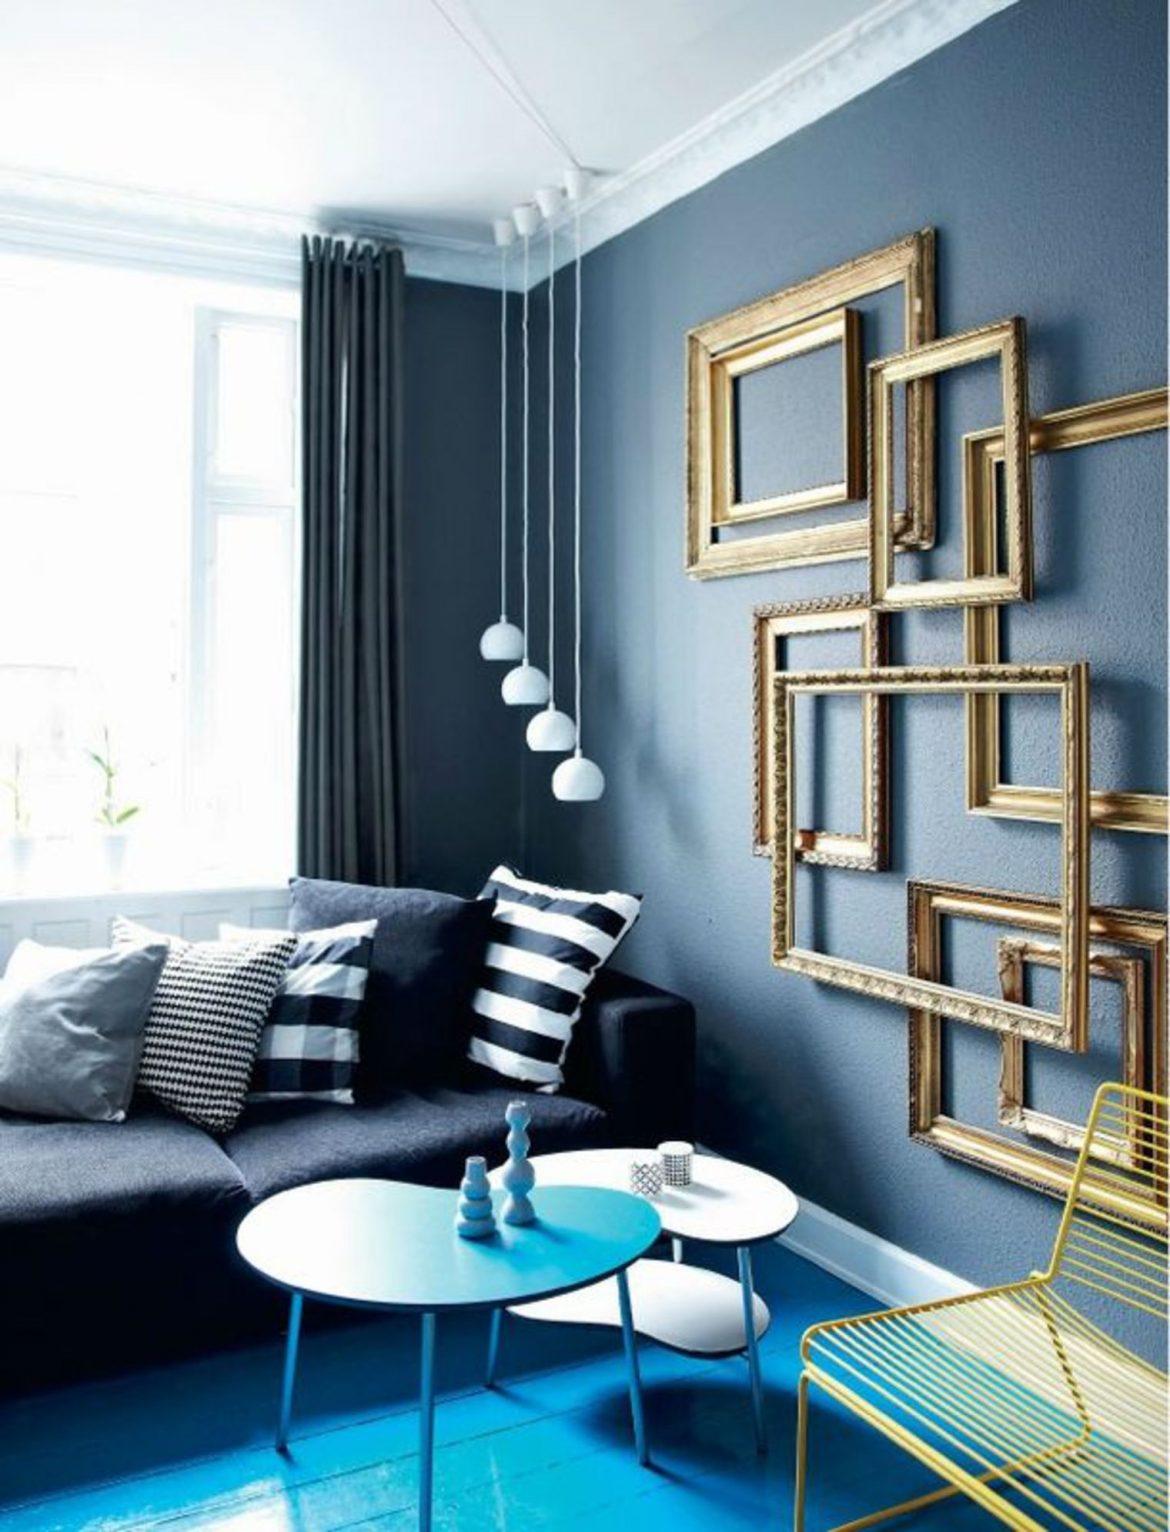 salon bleu marine et blanc noir releve de bleu et d or du - Salon Bleu Marine Et Blanc